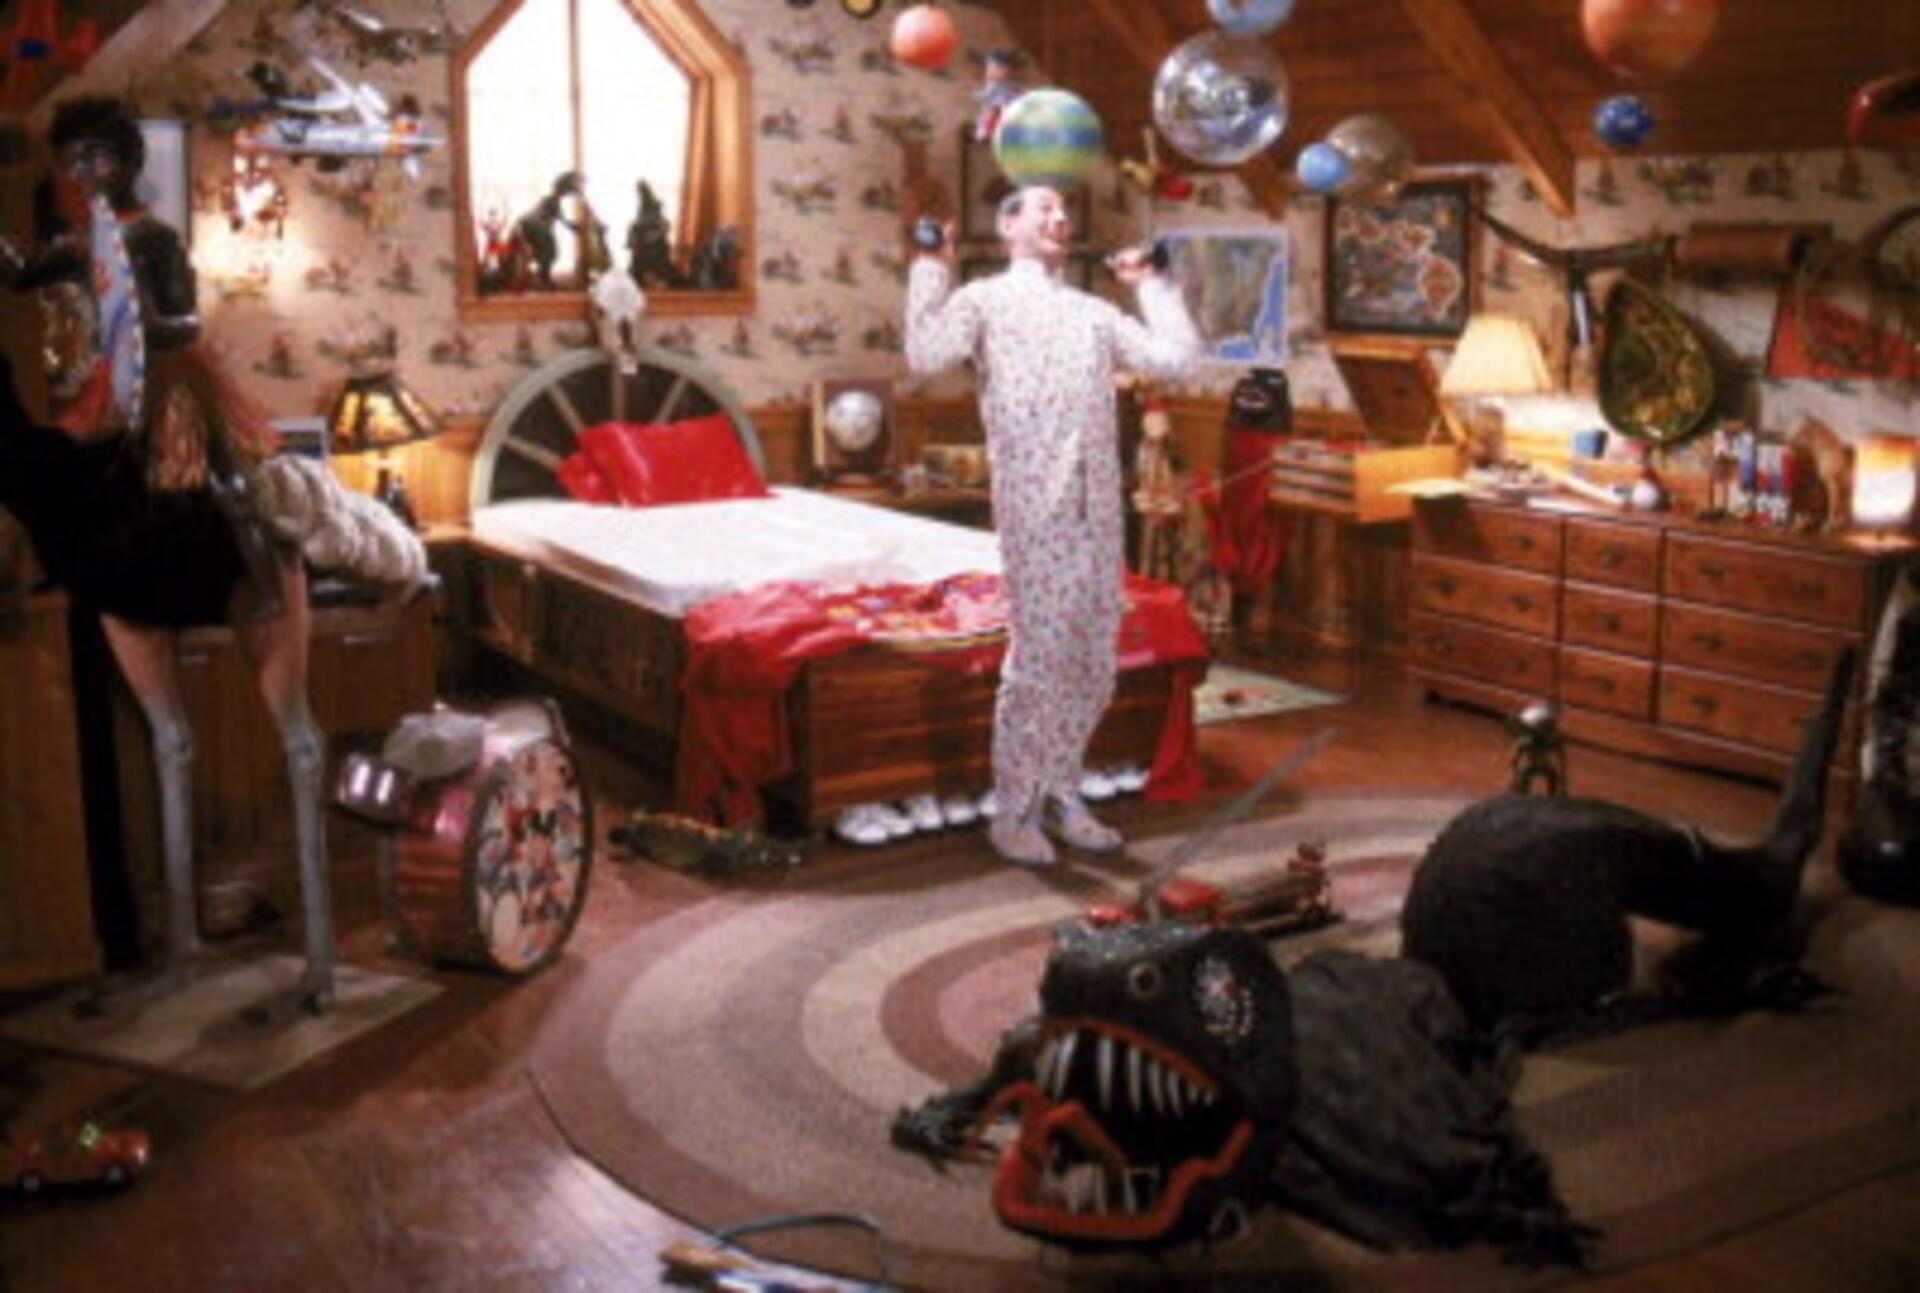 Pee-wee's Big Adventure - Image 9